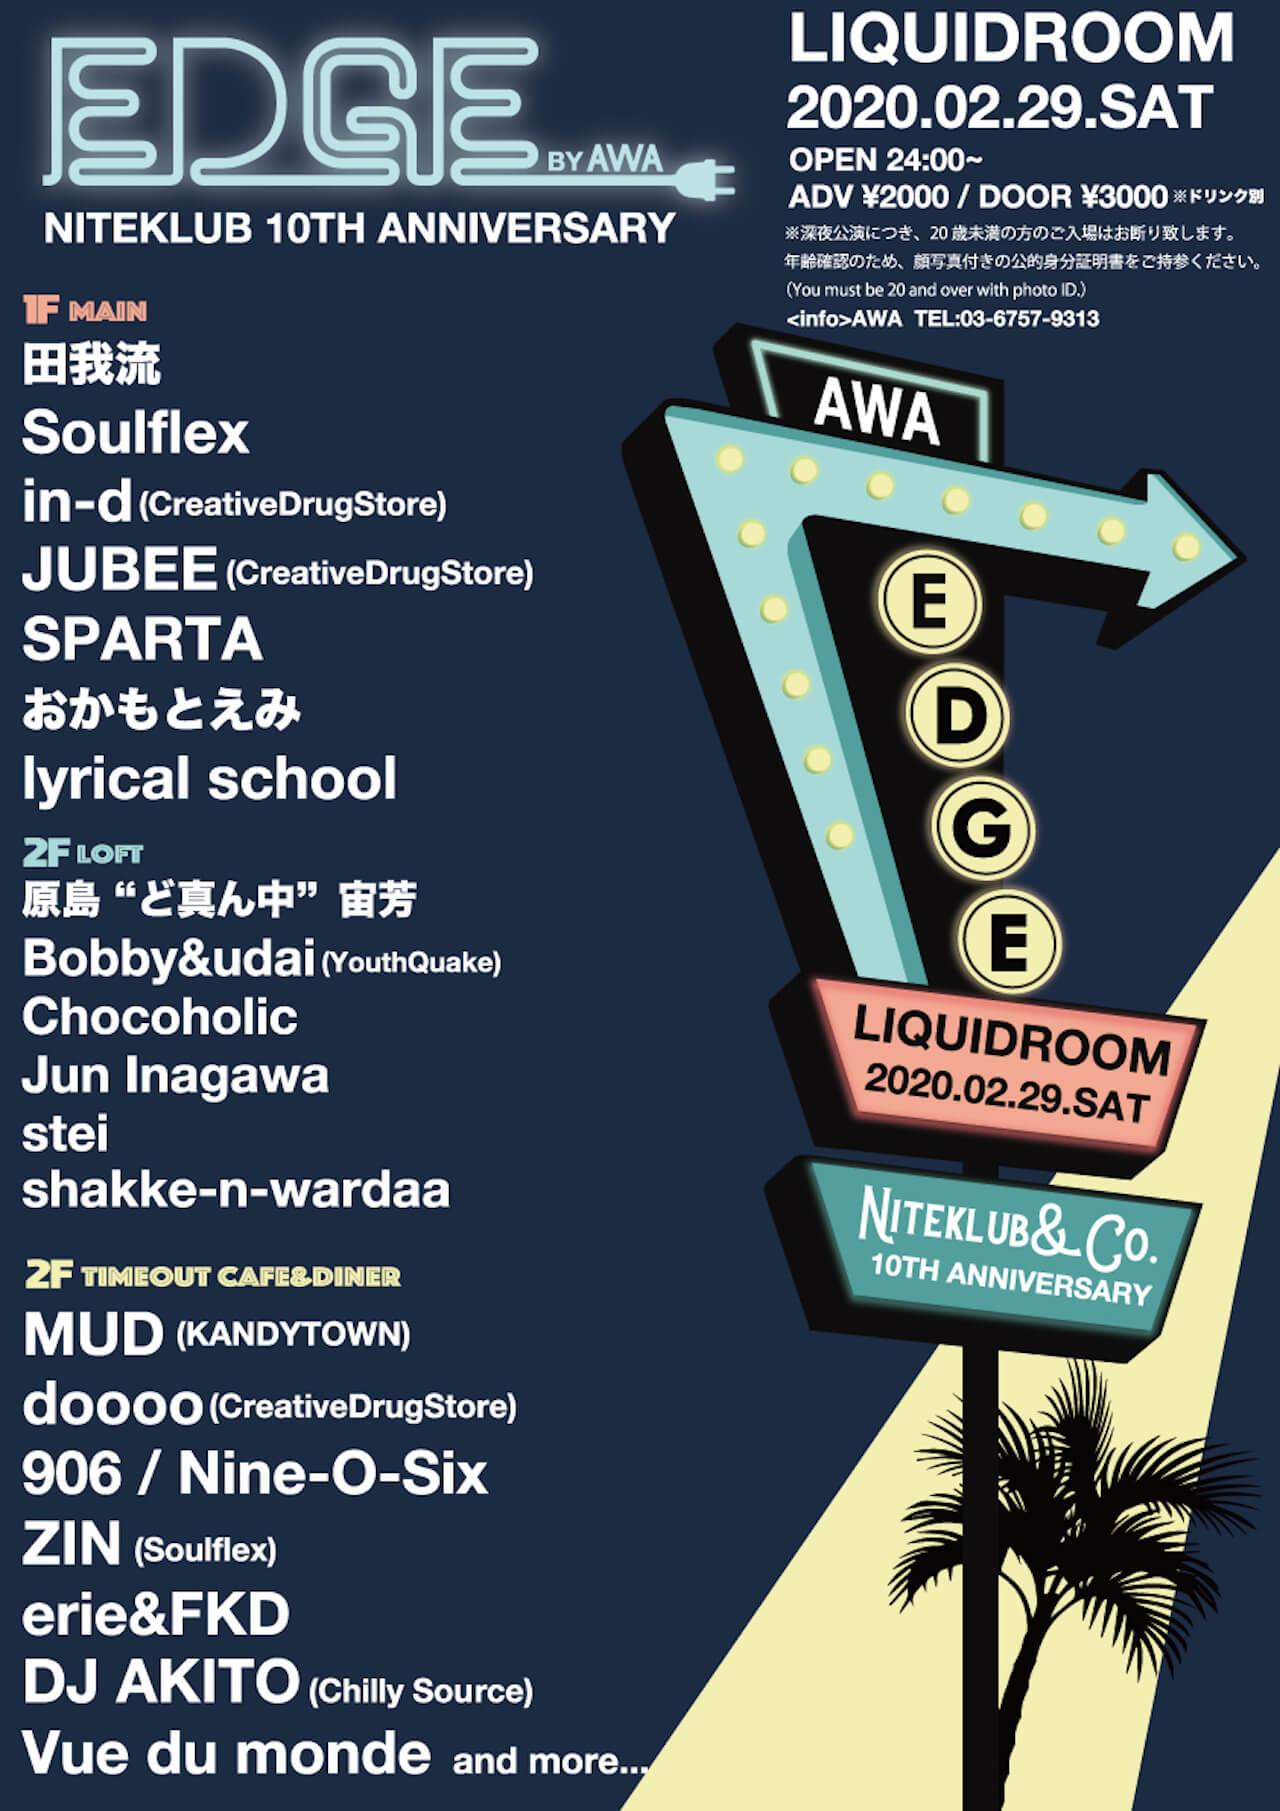 AWAによる超人気イベント「EDGE」第4回がLIQUIDROOMにて開催|田我流、Soulflex、おかもとえみ、lyrical schoolらが登場 music200223-edge-by-awa-4